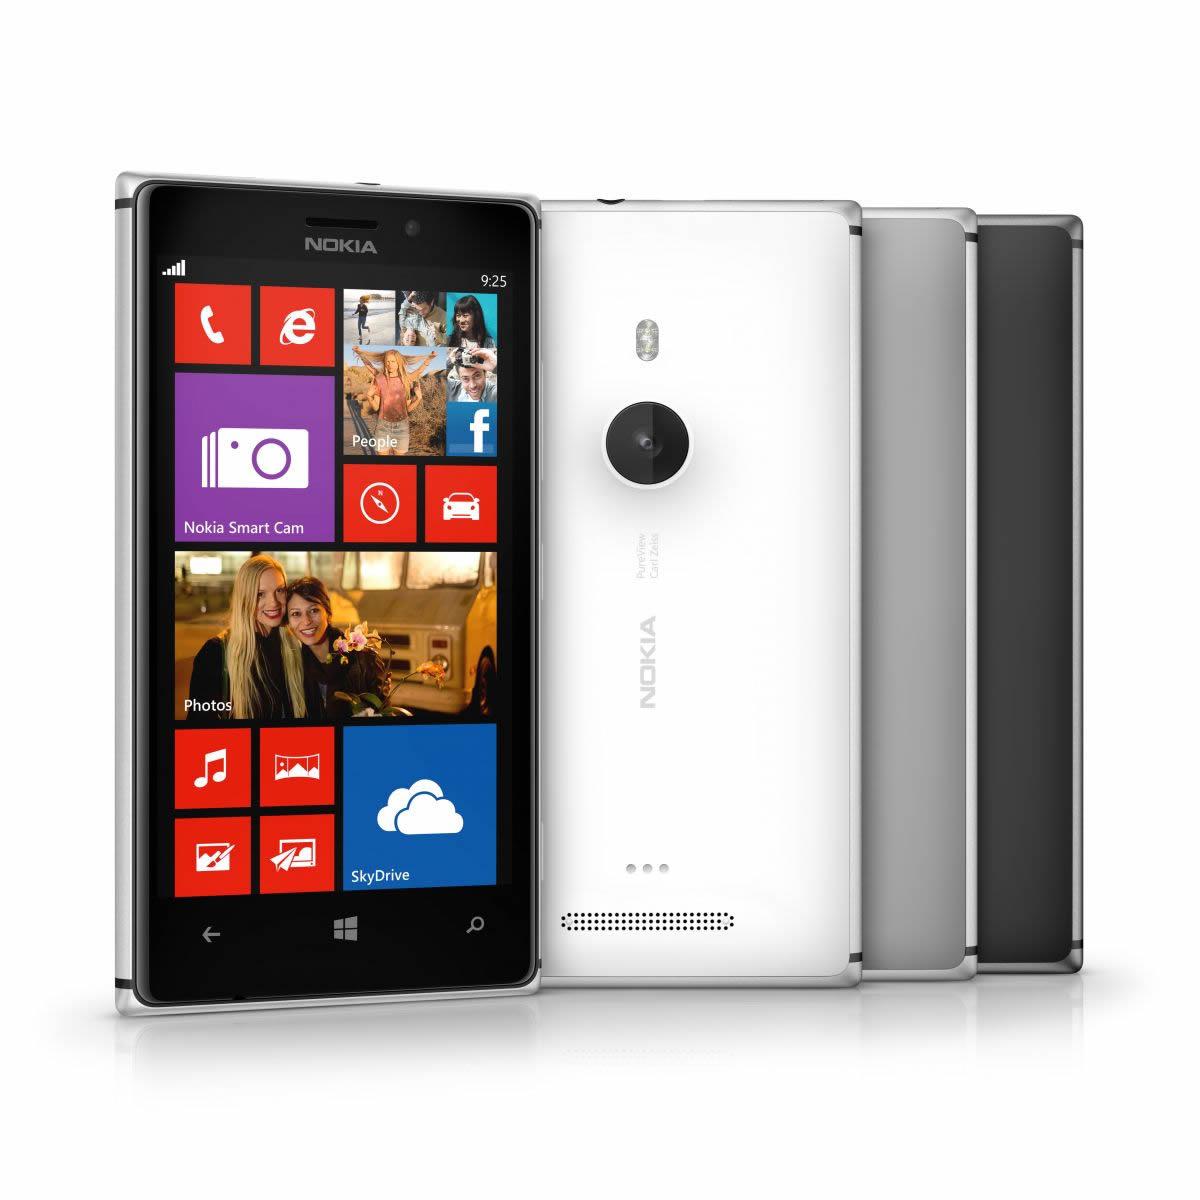 Варианты оформления Nokia Lumii 925